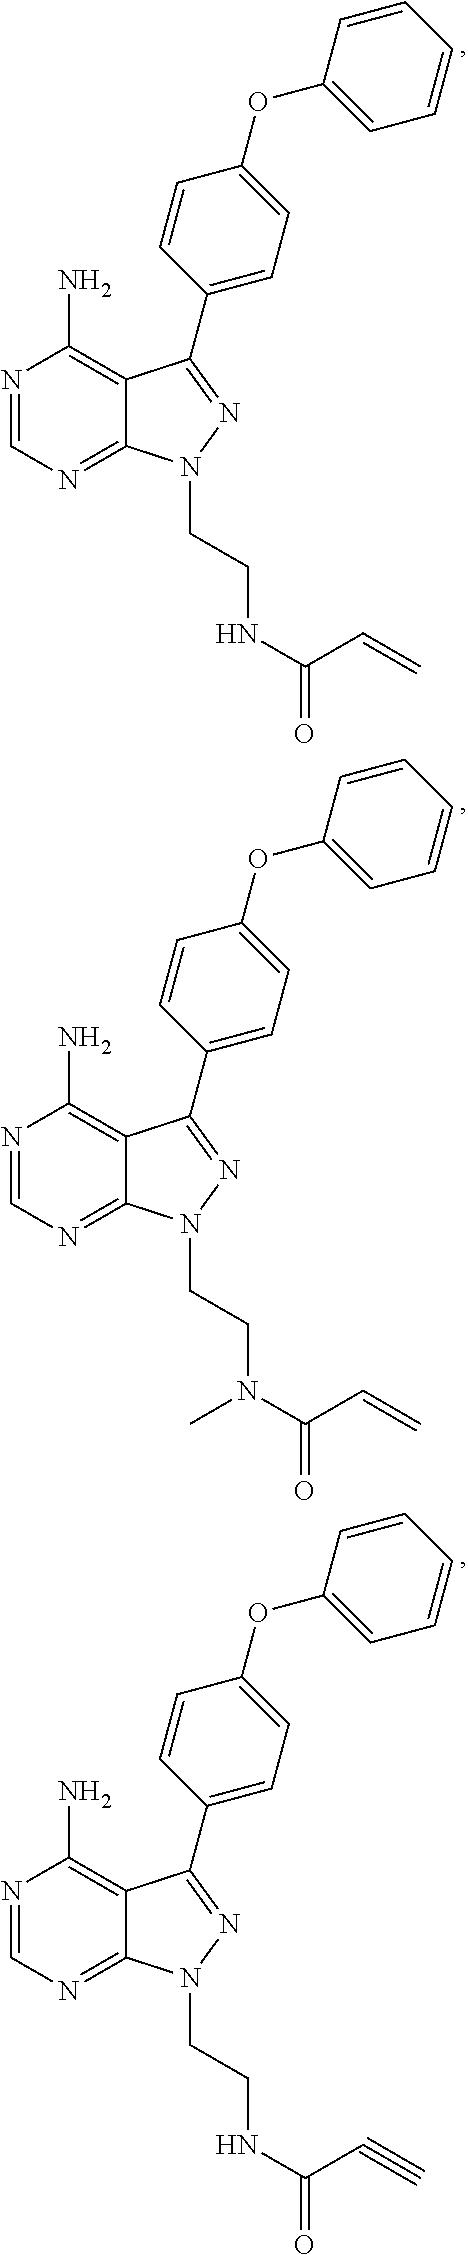 Figure US10004746-20180626-C00037